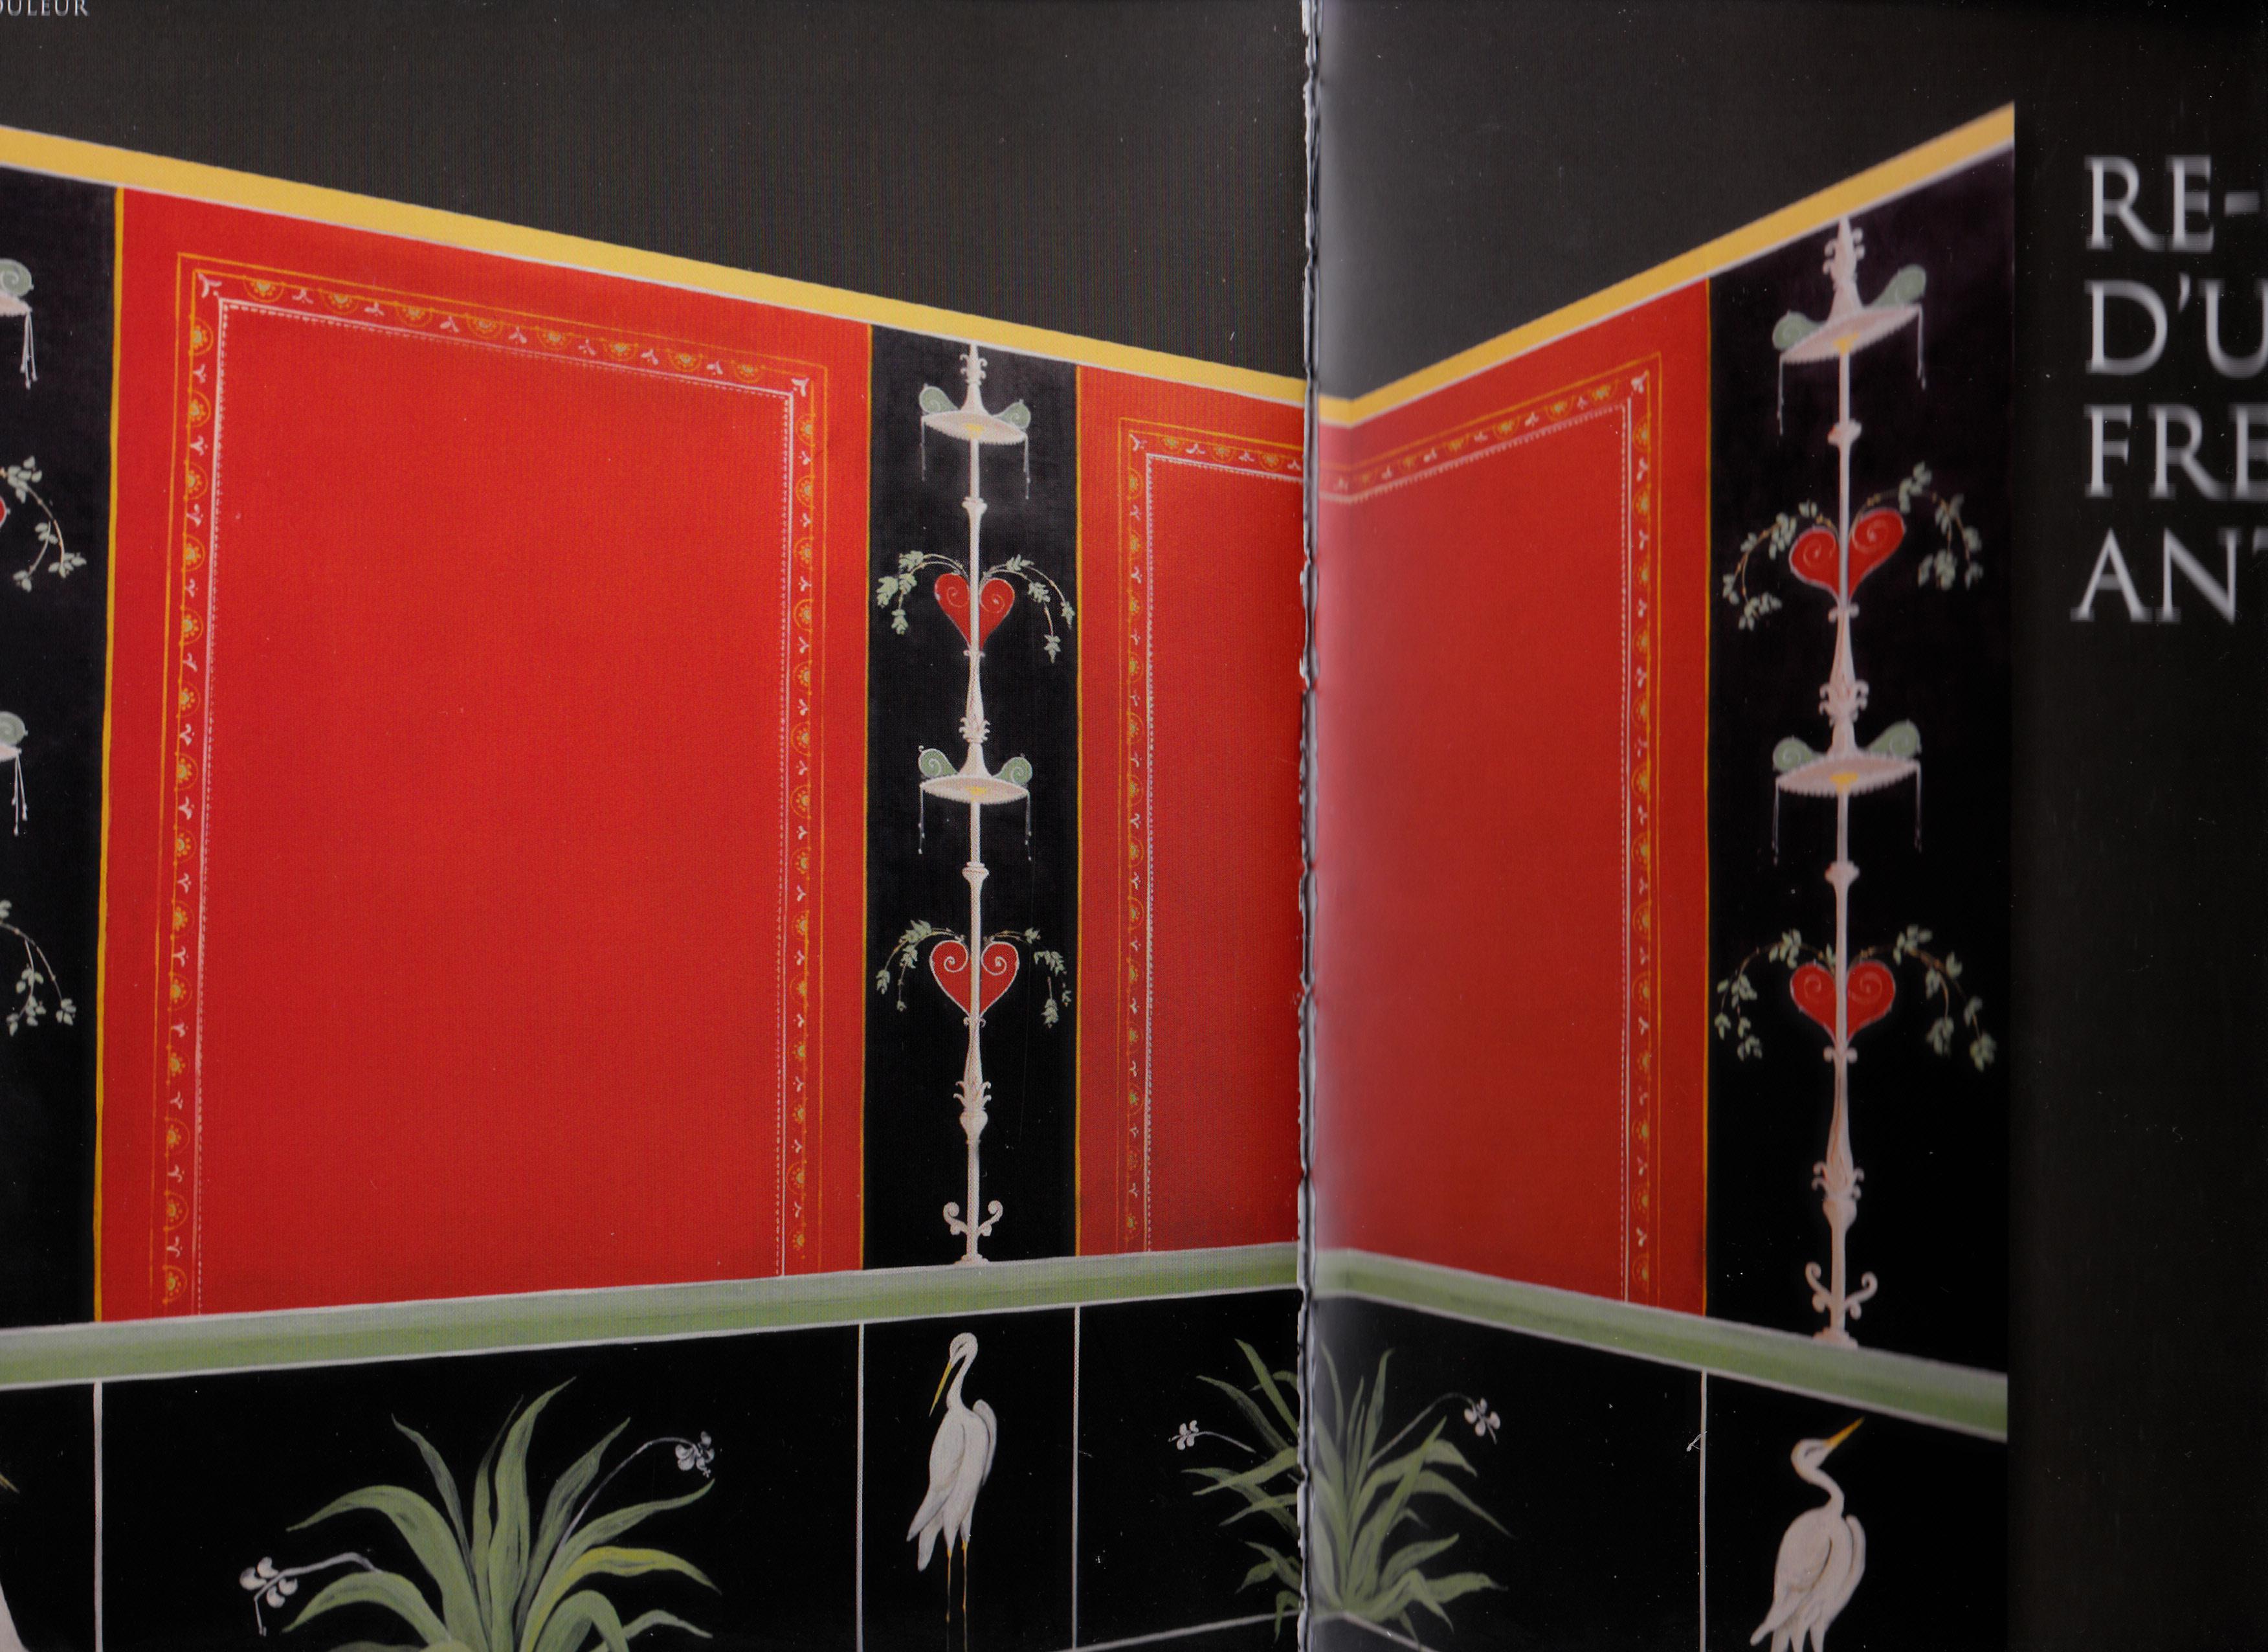 Re-création d'une fresque  à l'entrée de l'exposition L'empire de la couleur, de PompeÏ au Sud des Gaules